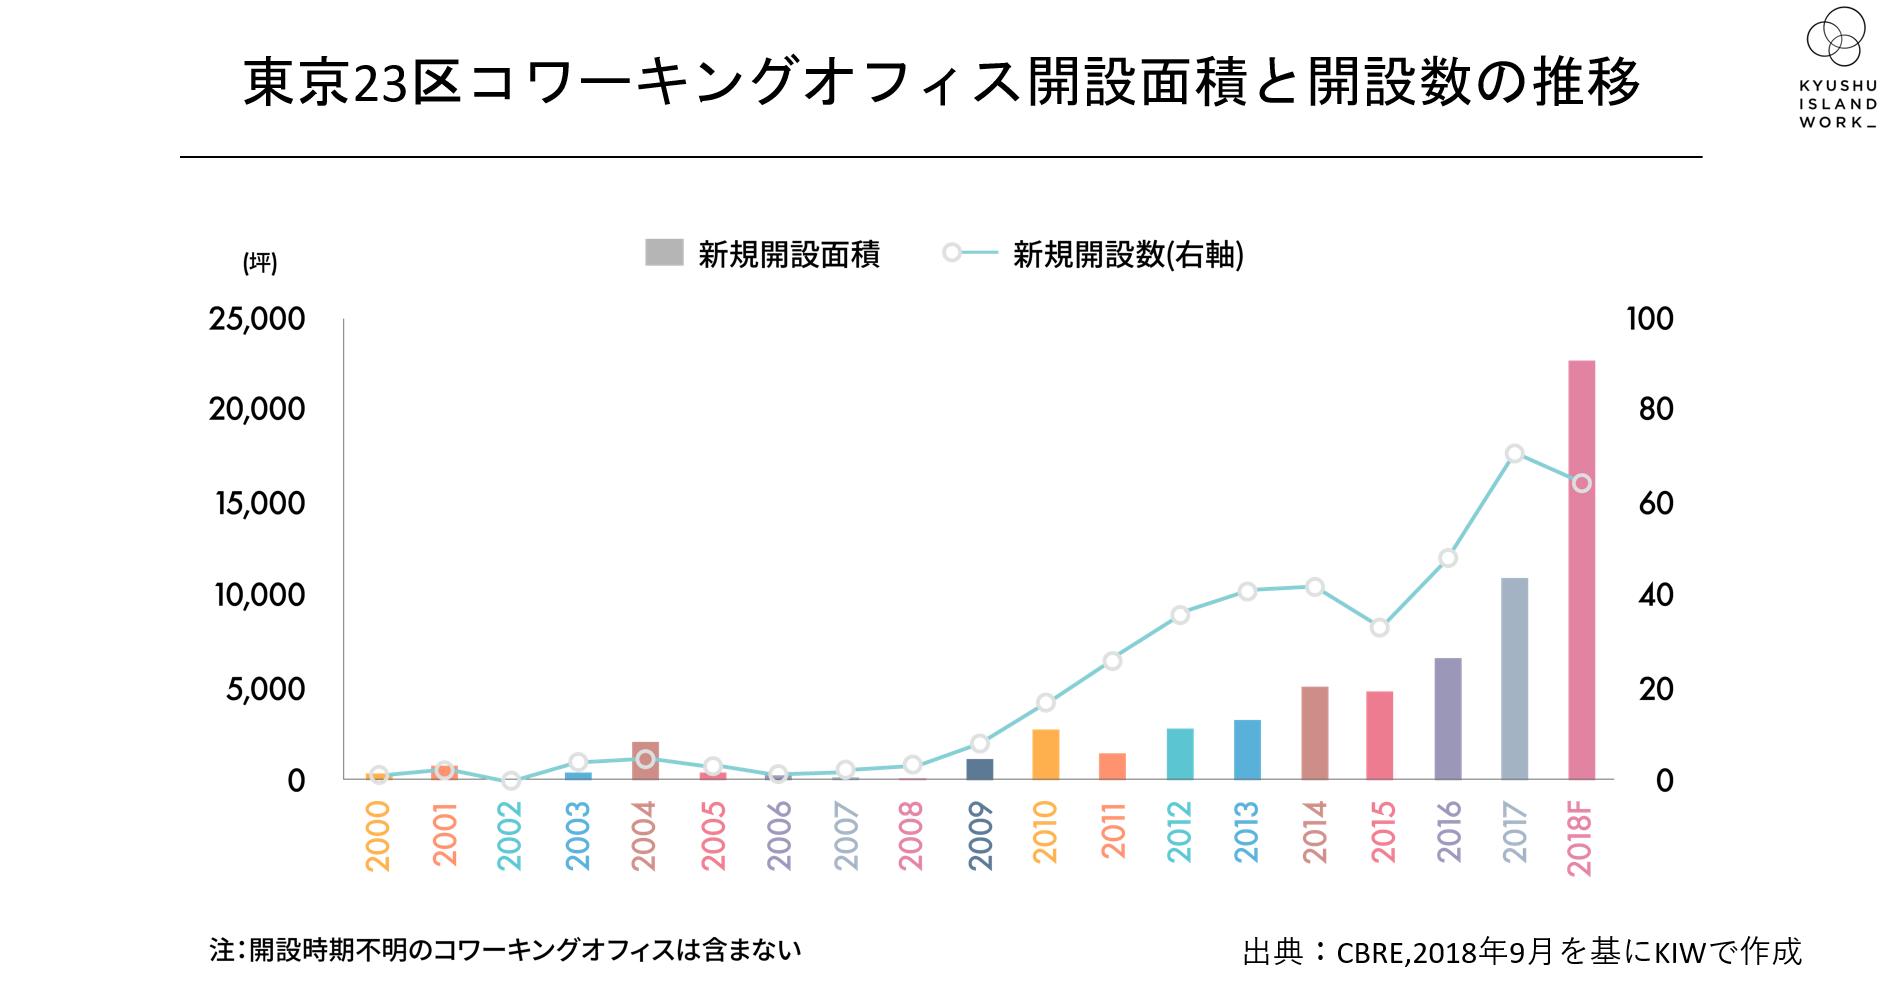 東京都内コワーキングオフィス開設面積と開設数の推移